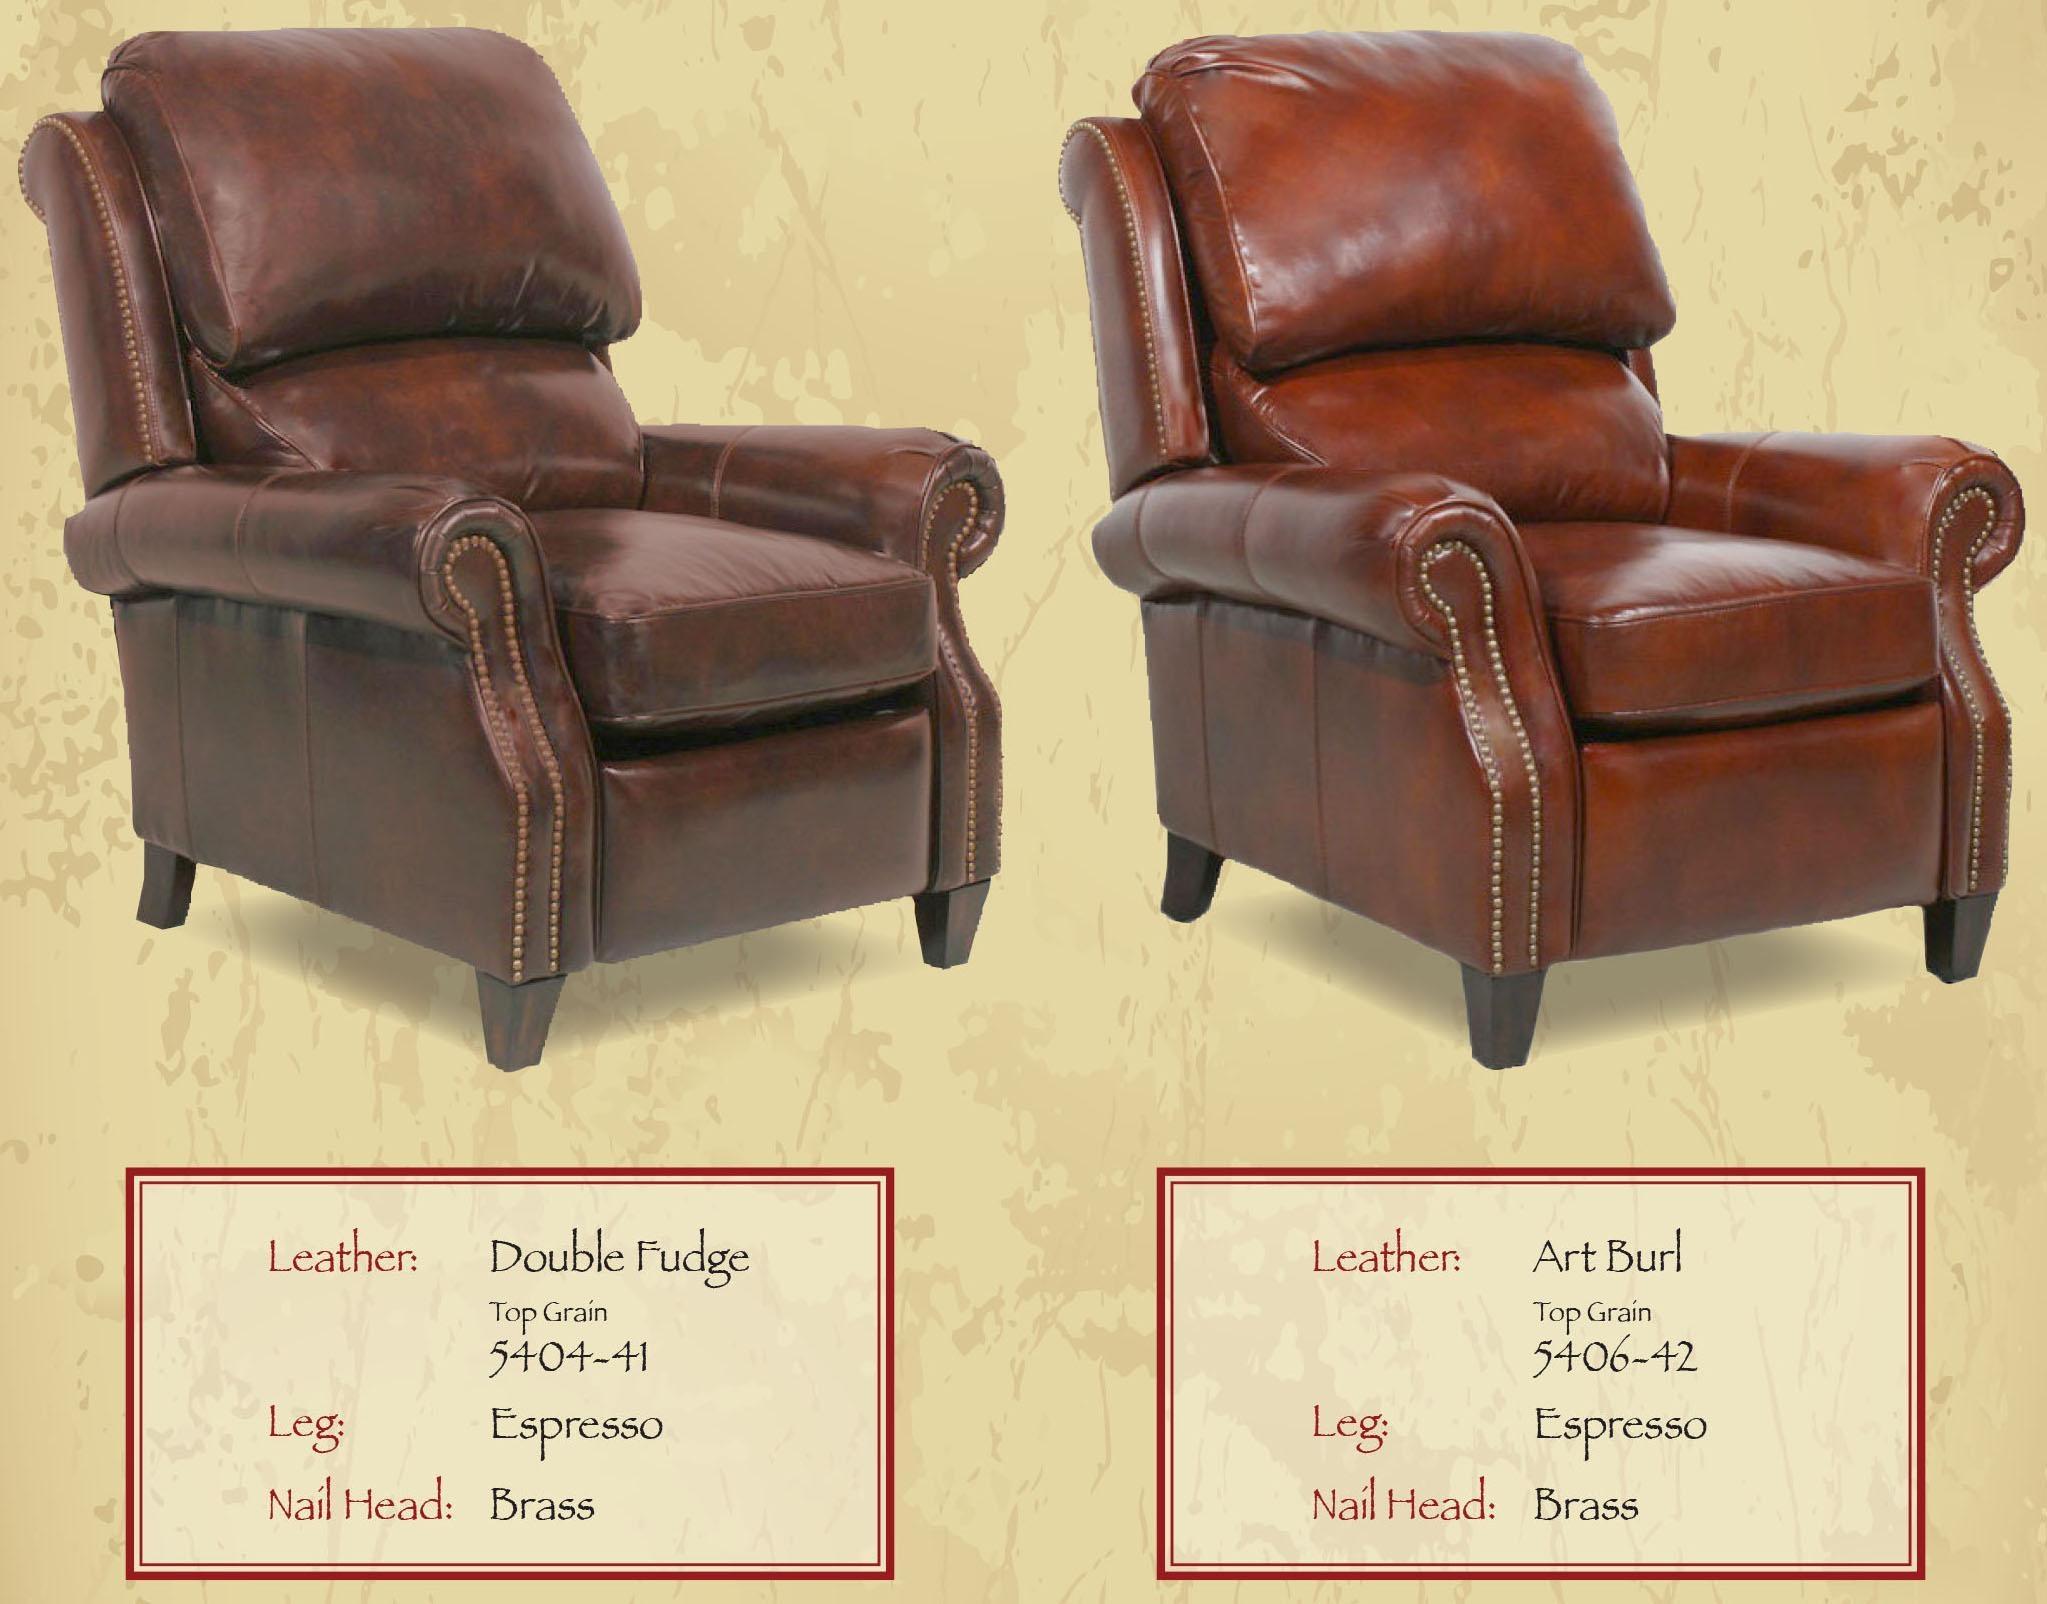 Barcalounger Churchill Ii Recliner Chair – Leather Recliner Chair In Barcalounger Sofas (View 14 of 20)